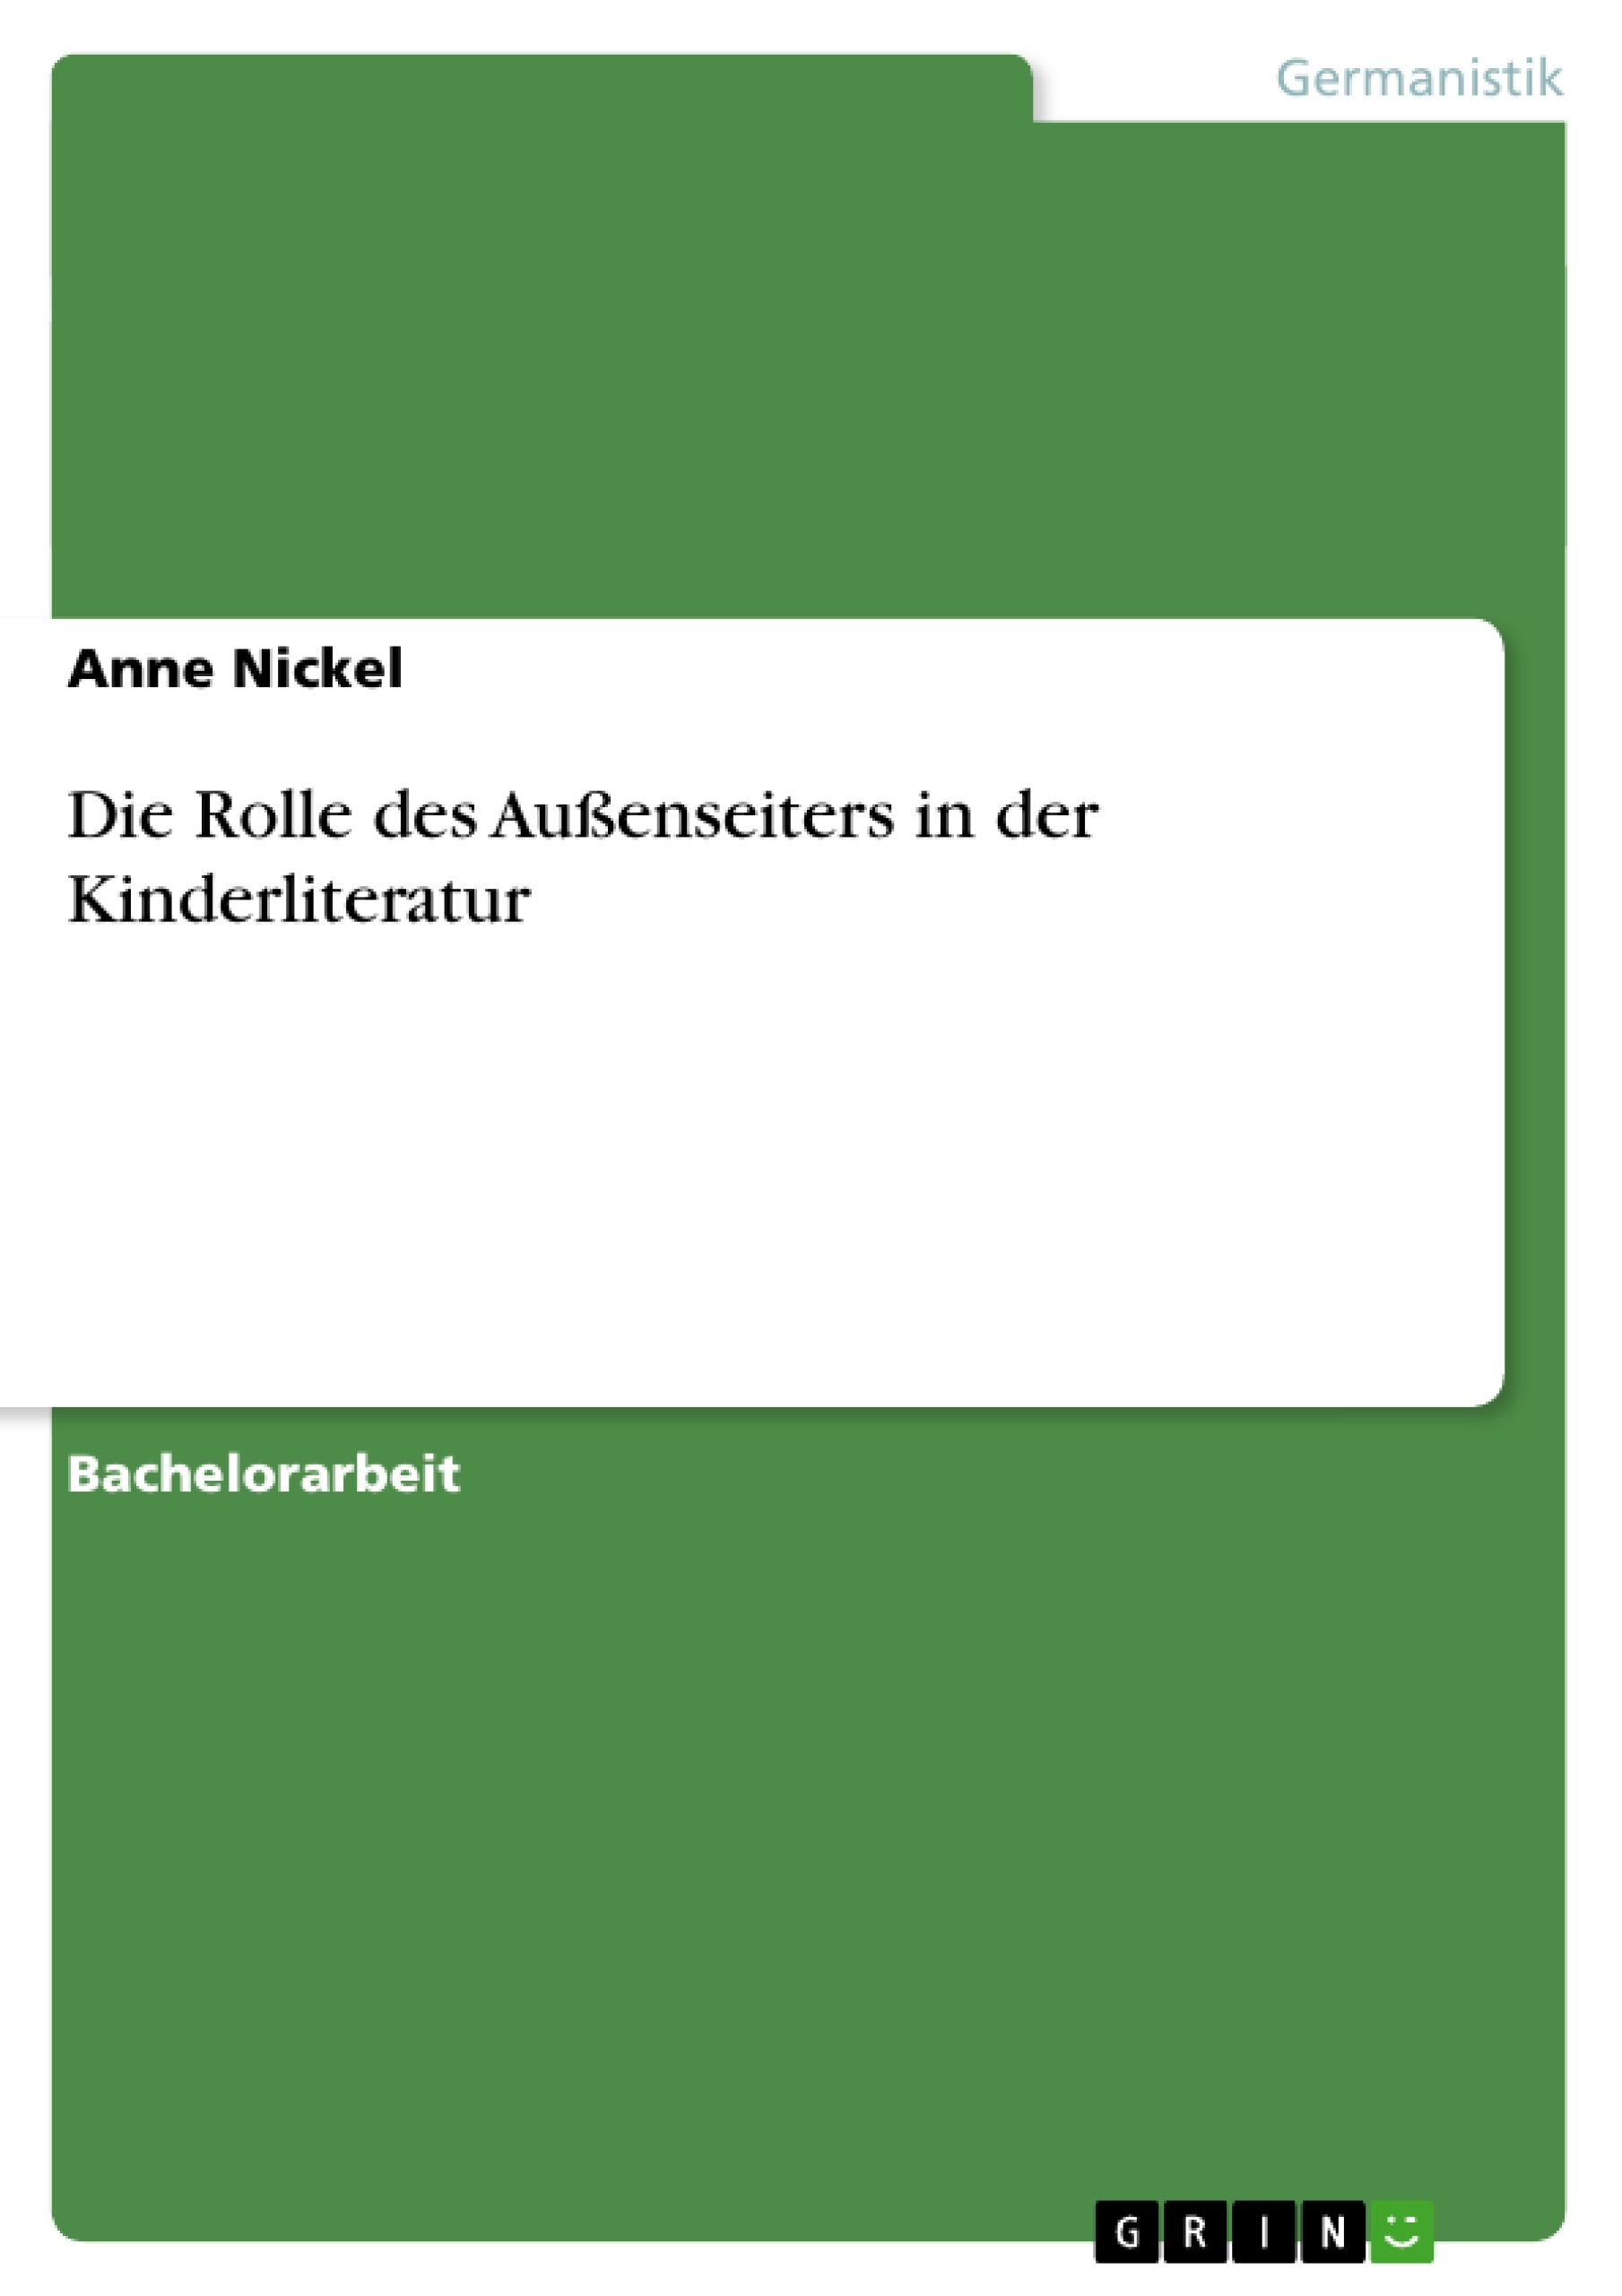 Titel: Die Rolle des Außenseiters in der Kinderliteratur